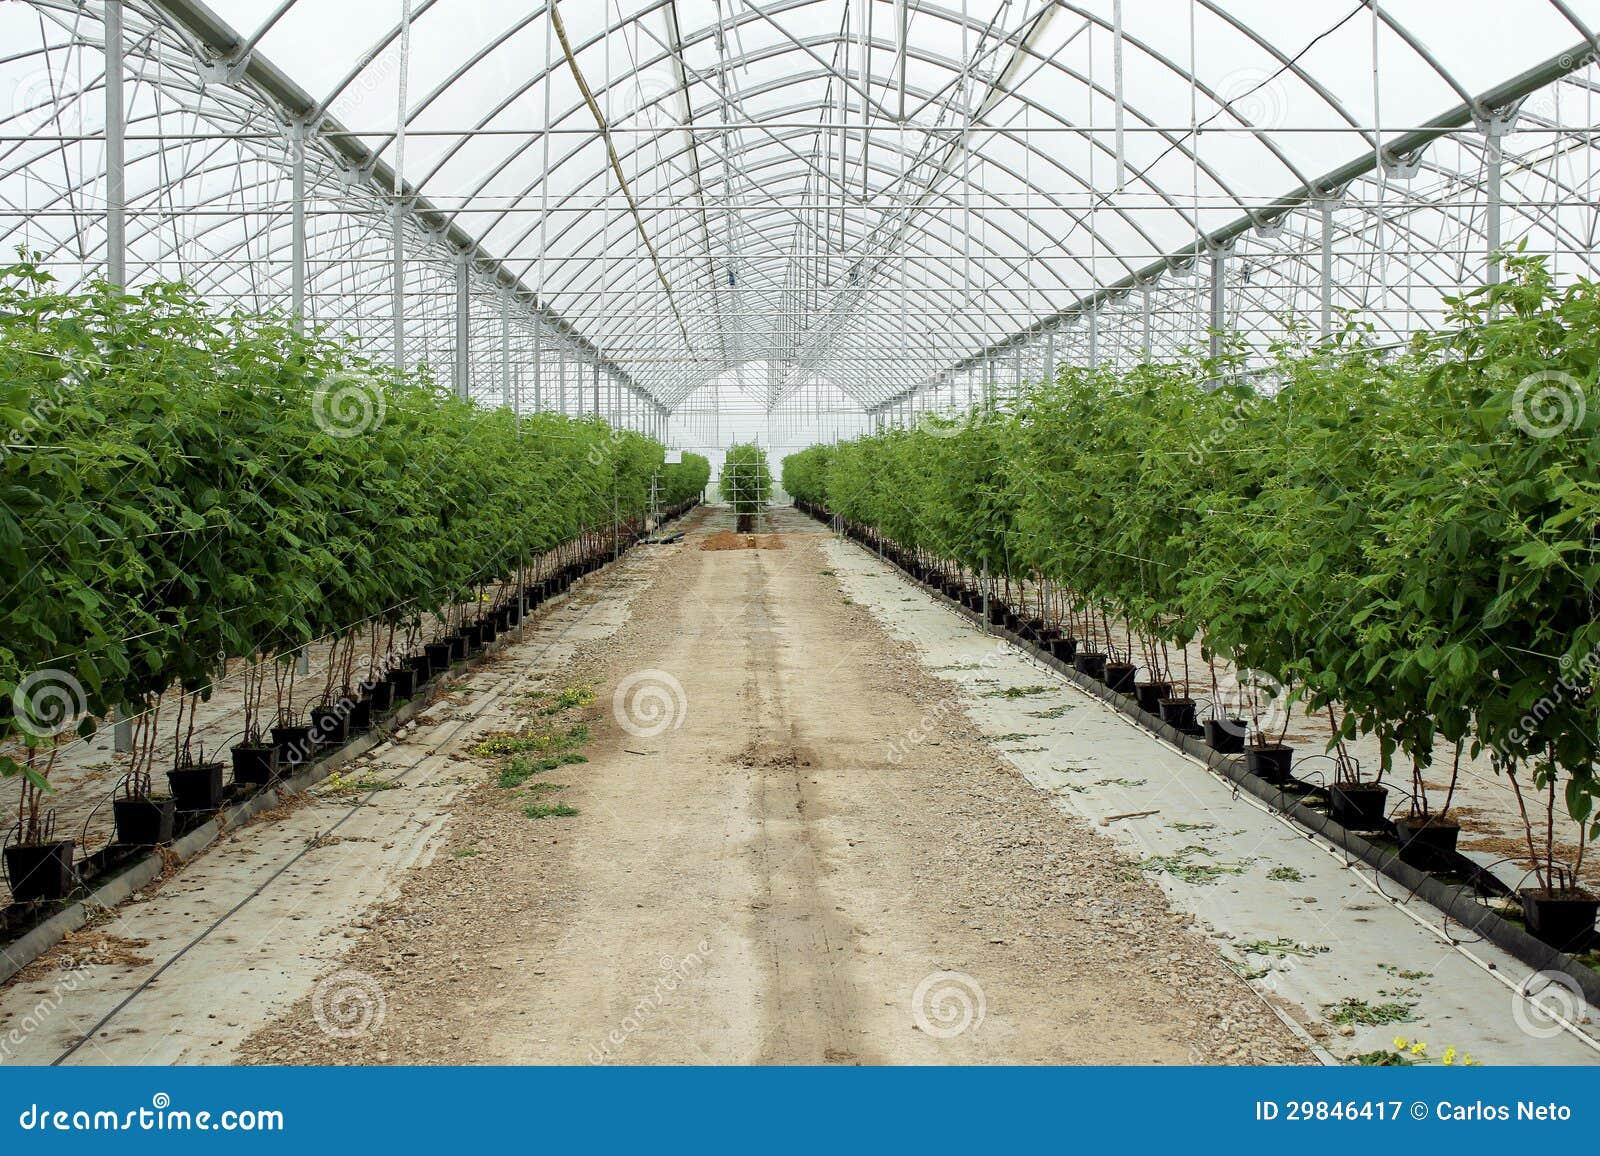 Framboesa crescente na plantação hidropónica